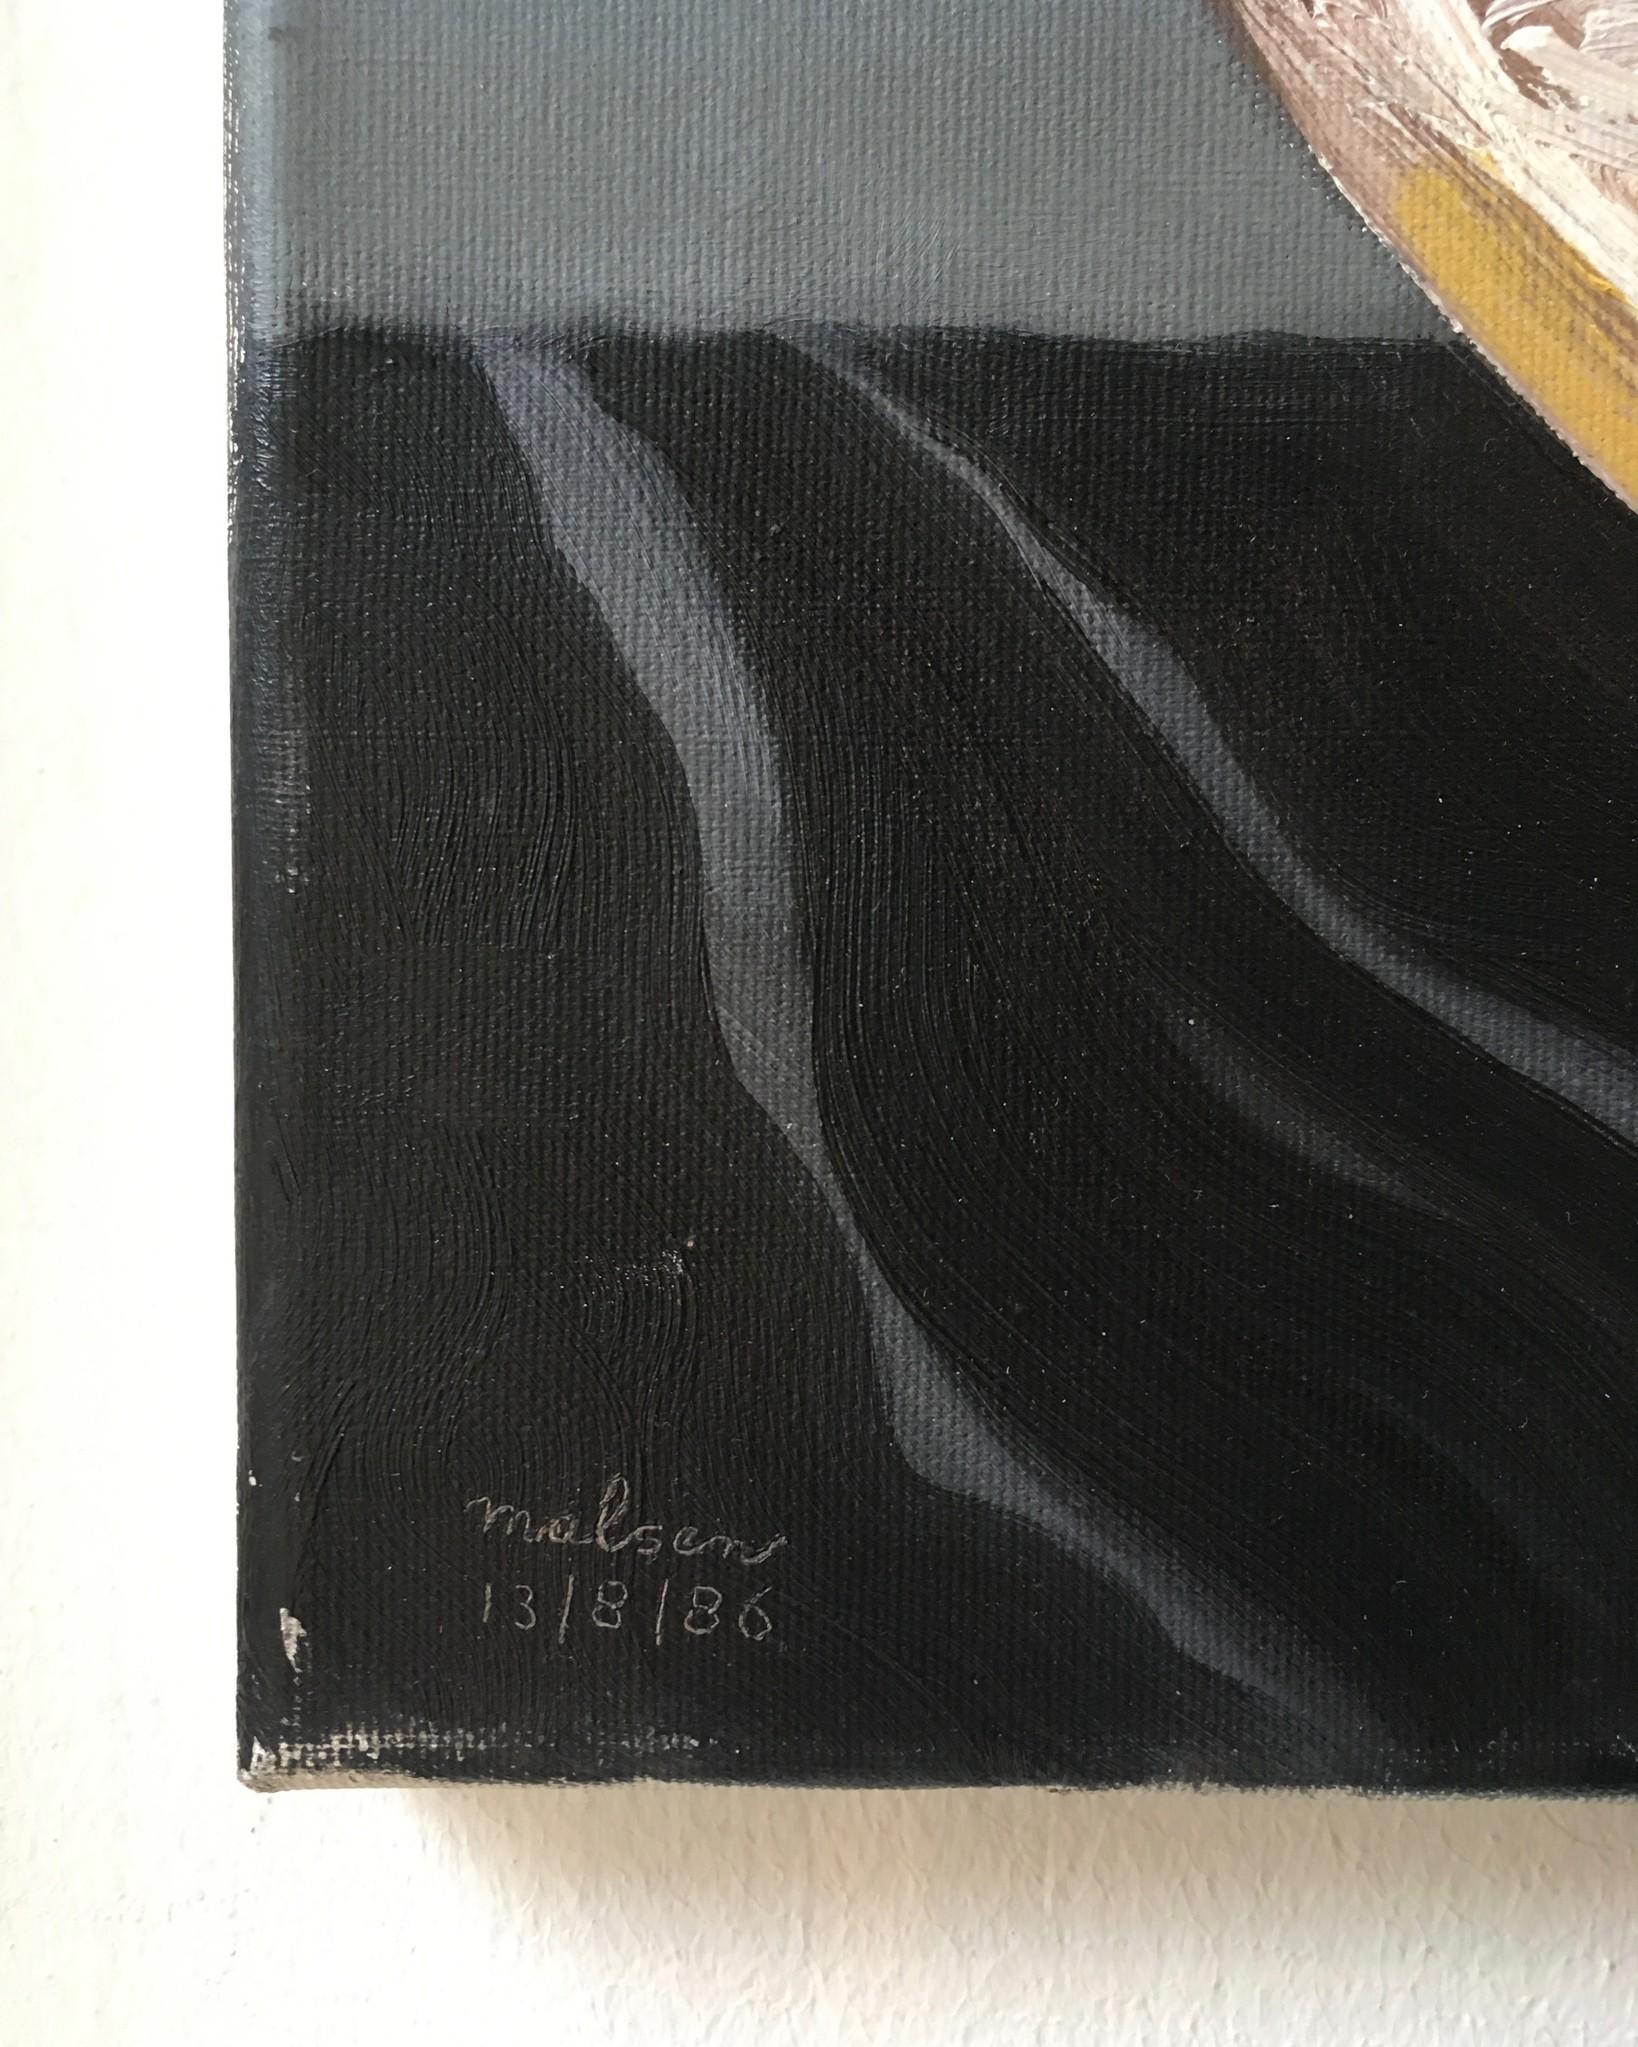 VAN MALSEN | 1986